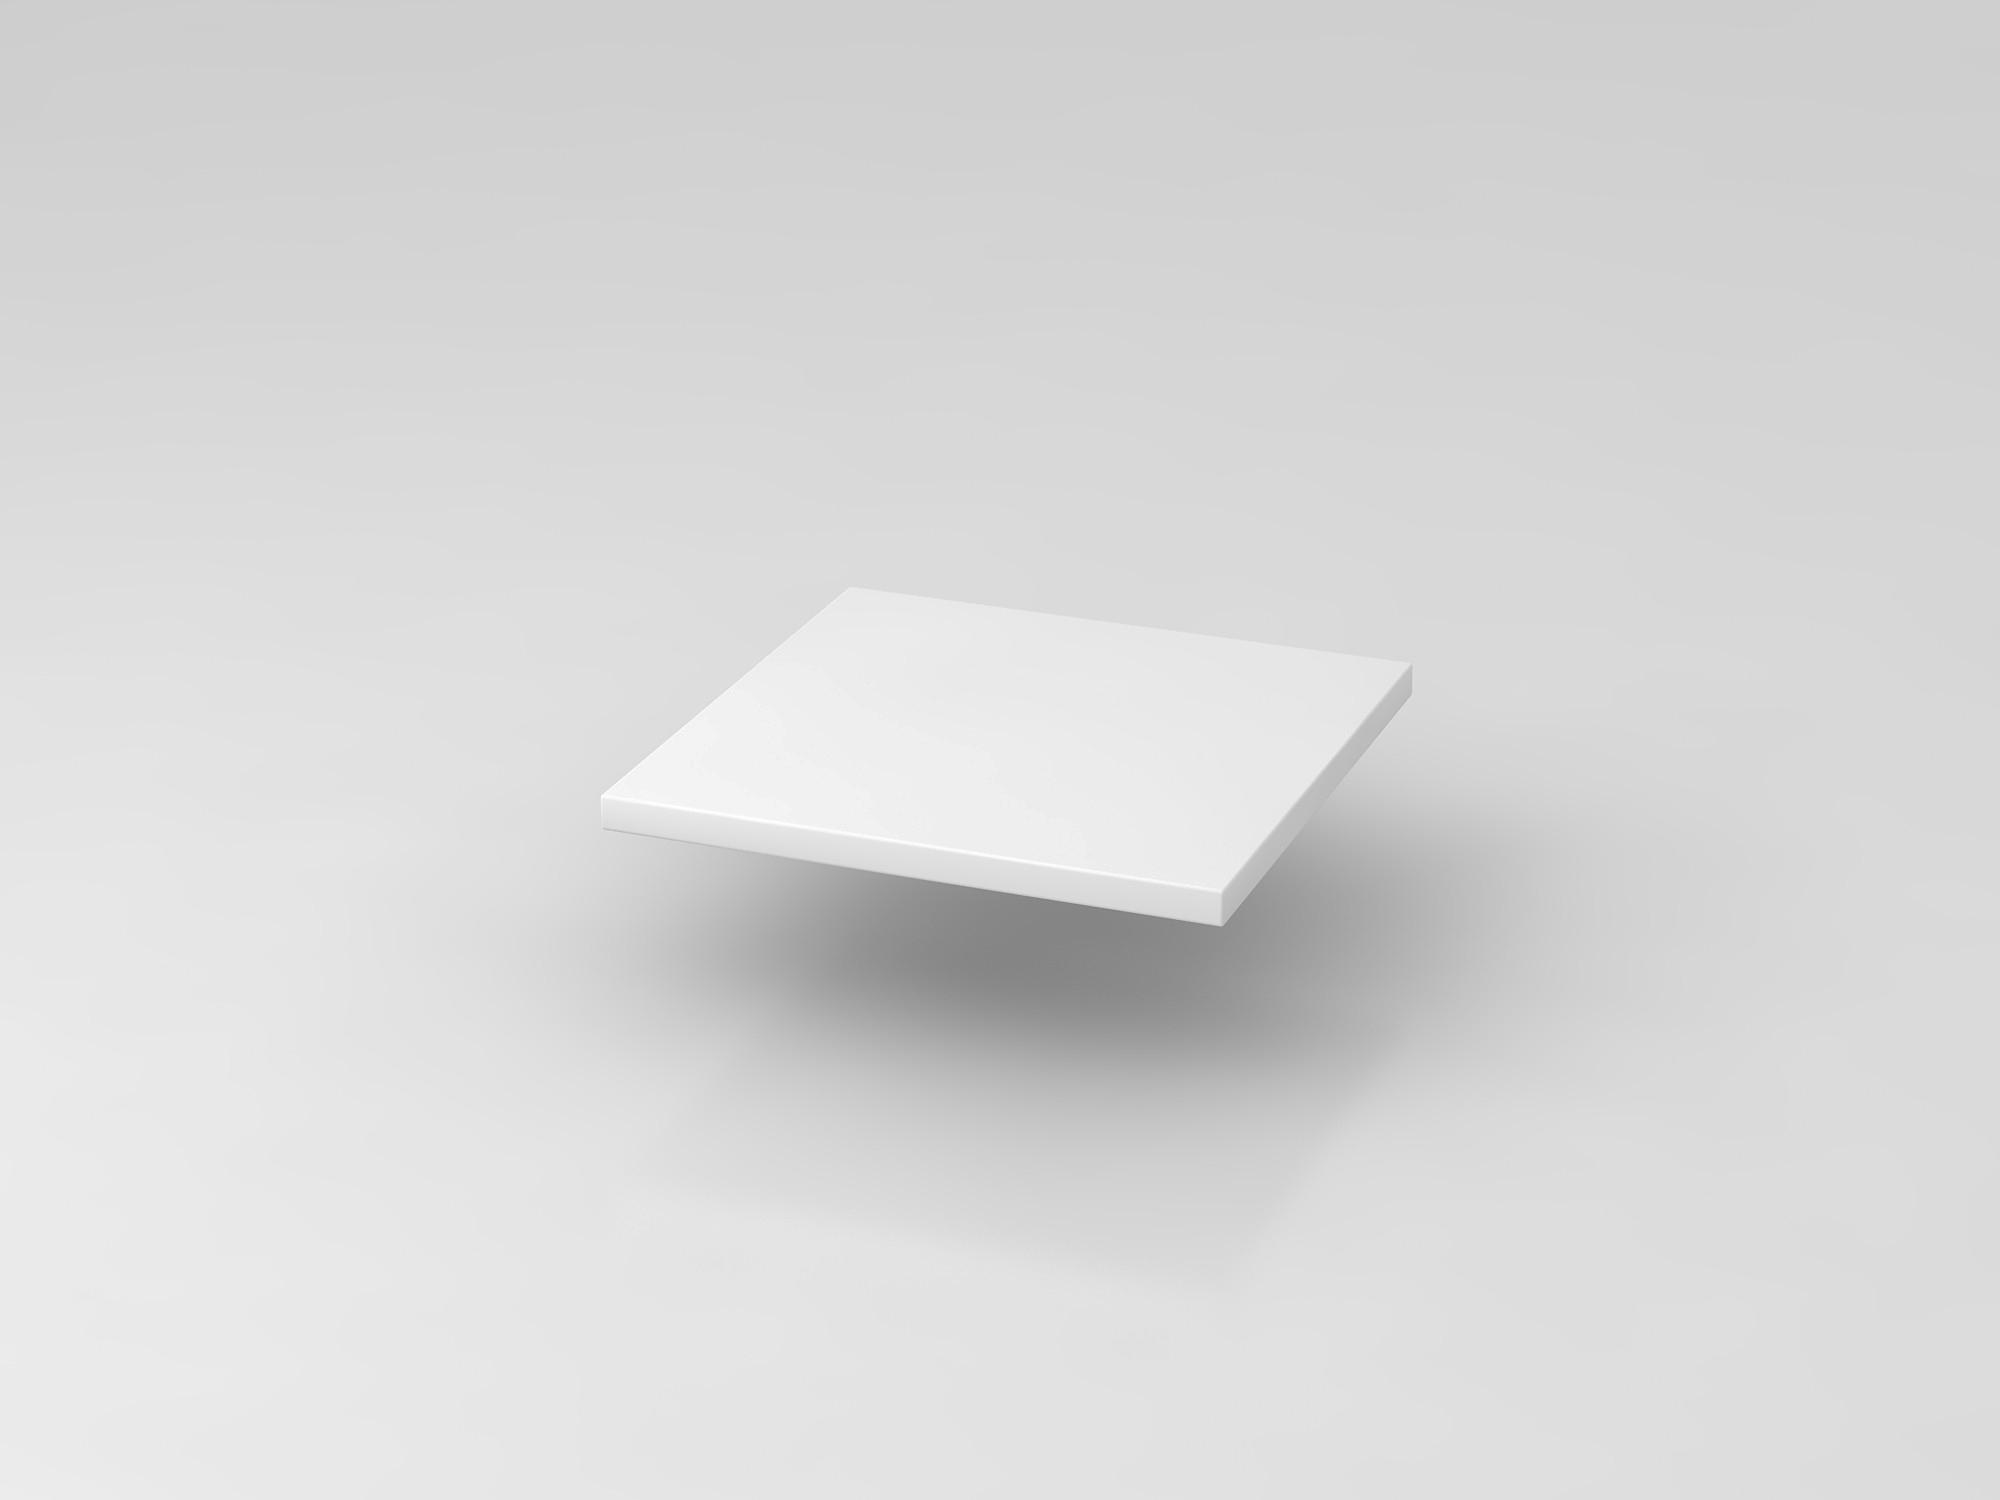 Fachboden 40 cm Weiß 9er Wand